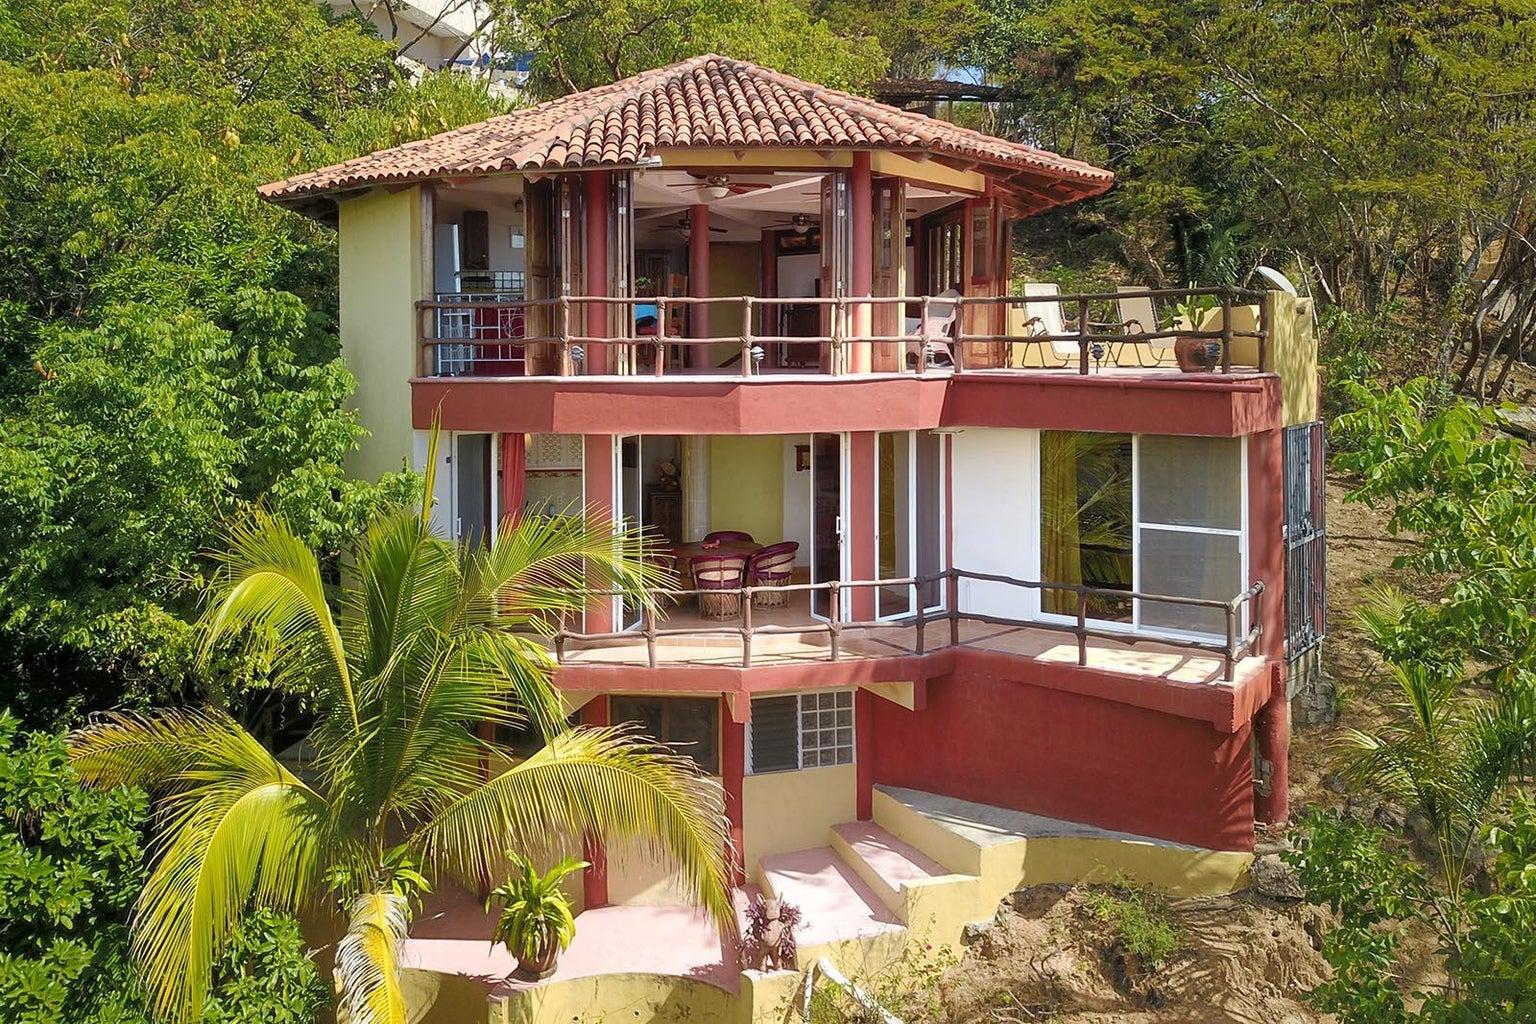 Casa_Escalones_al_Cielo_Sayulita_Mexico_